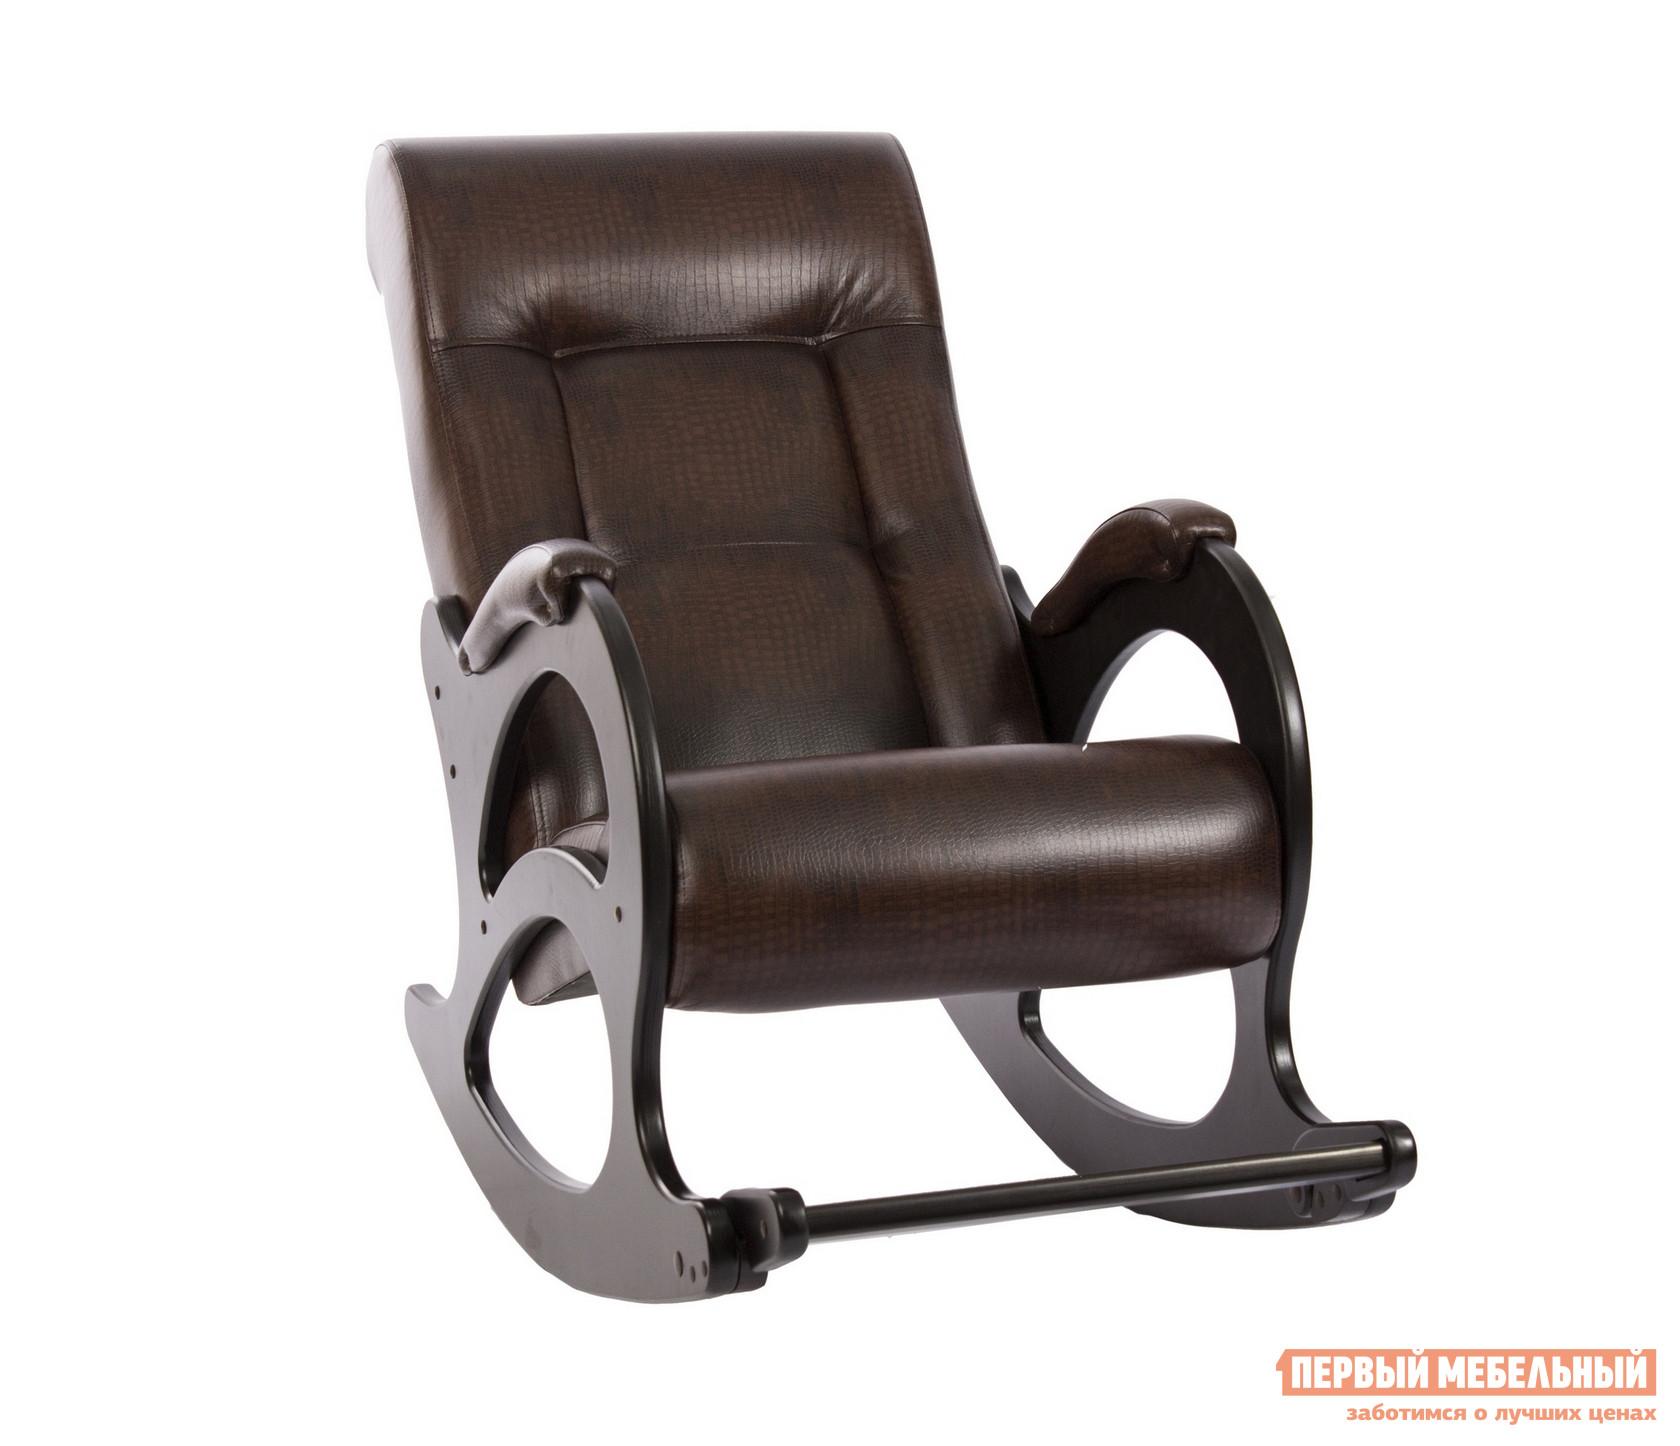 Кресло-качалка Мебель Импэкс Кресло-качалка Комфорт Модель 44 б/л